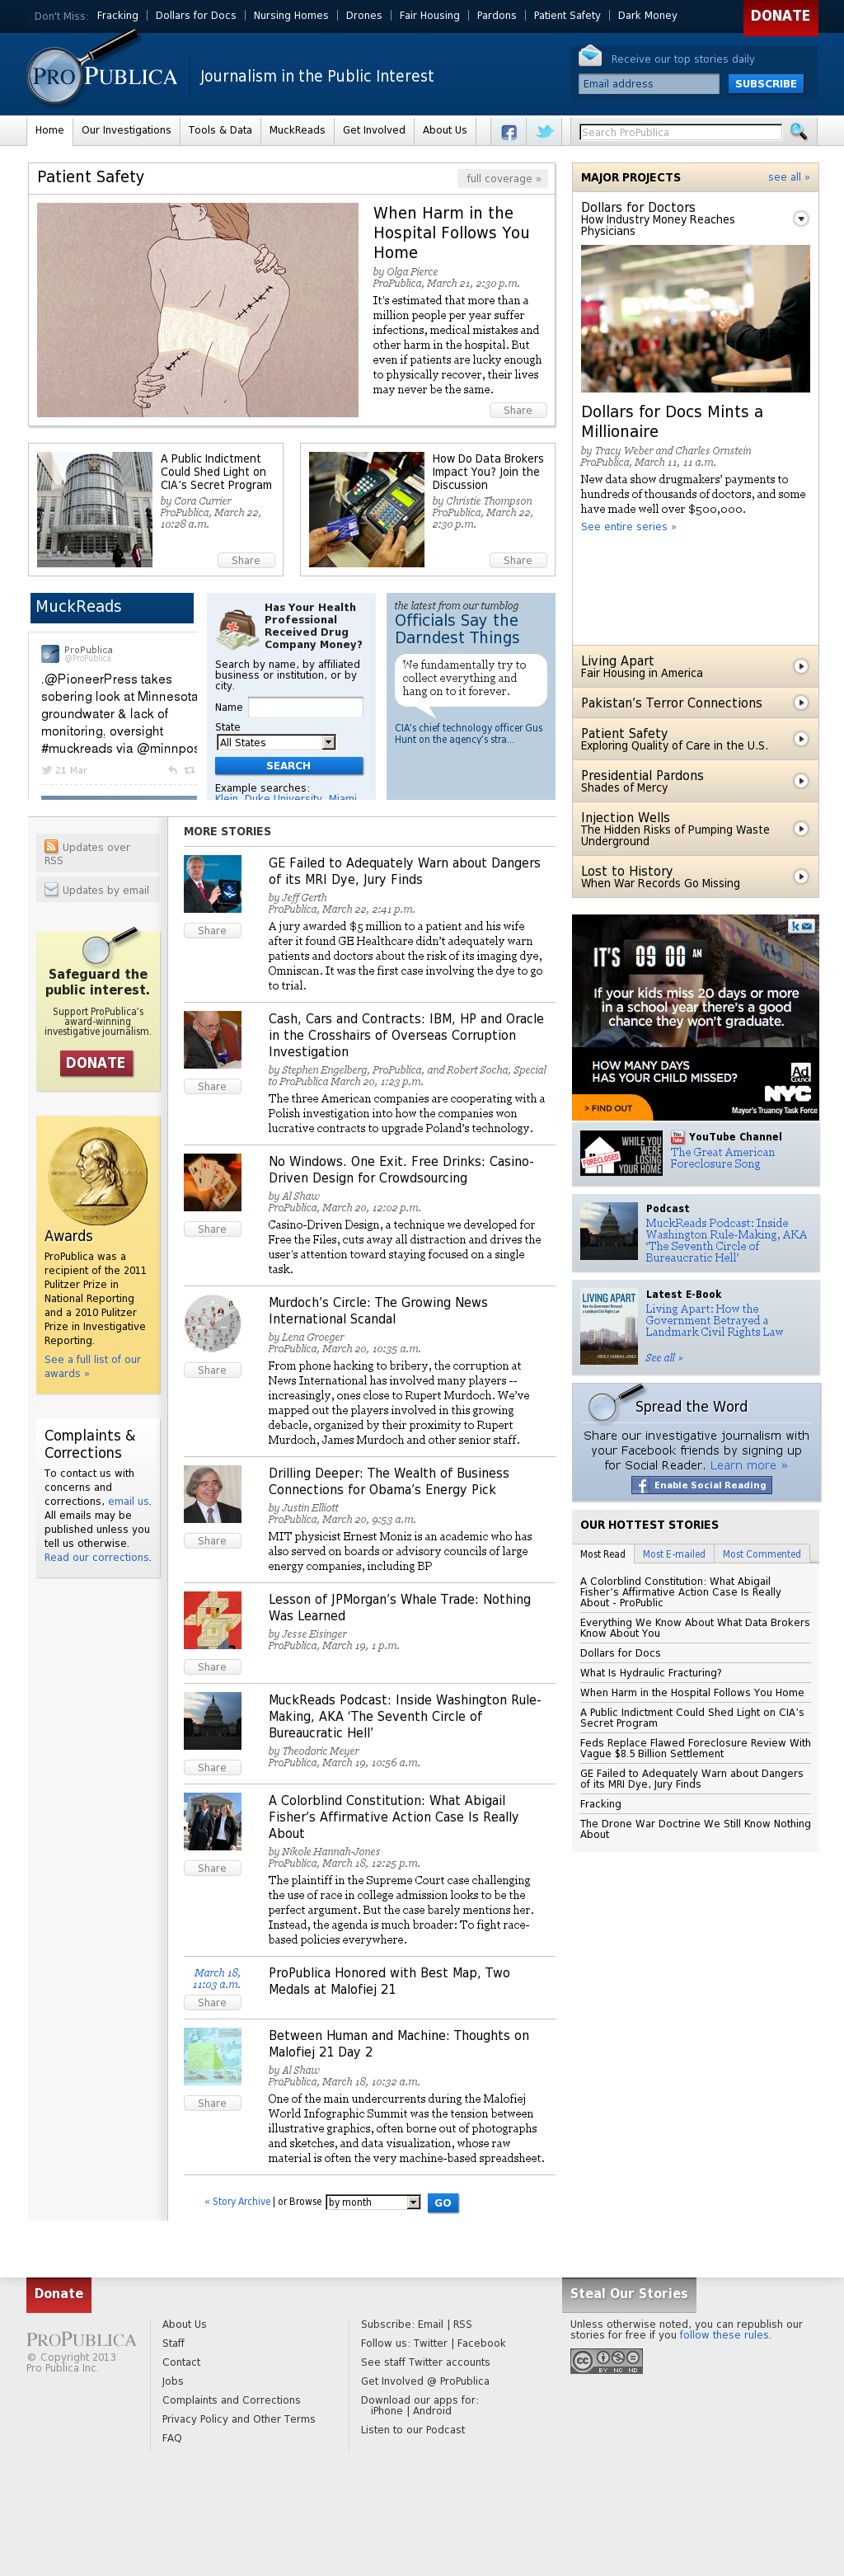 ProPublica at Monday March 25, 2013, 7:36 a.m. UTC